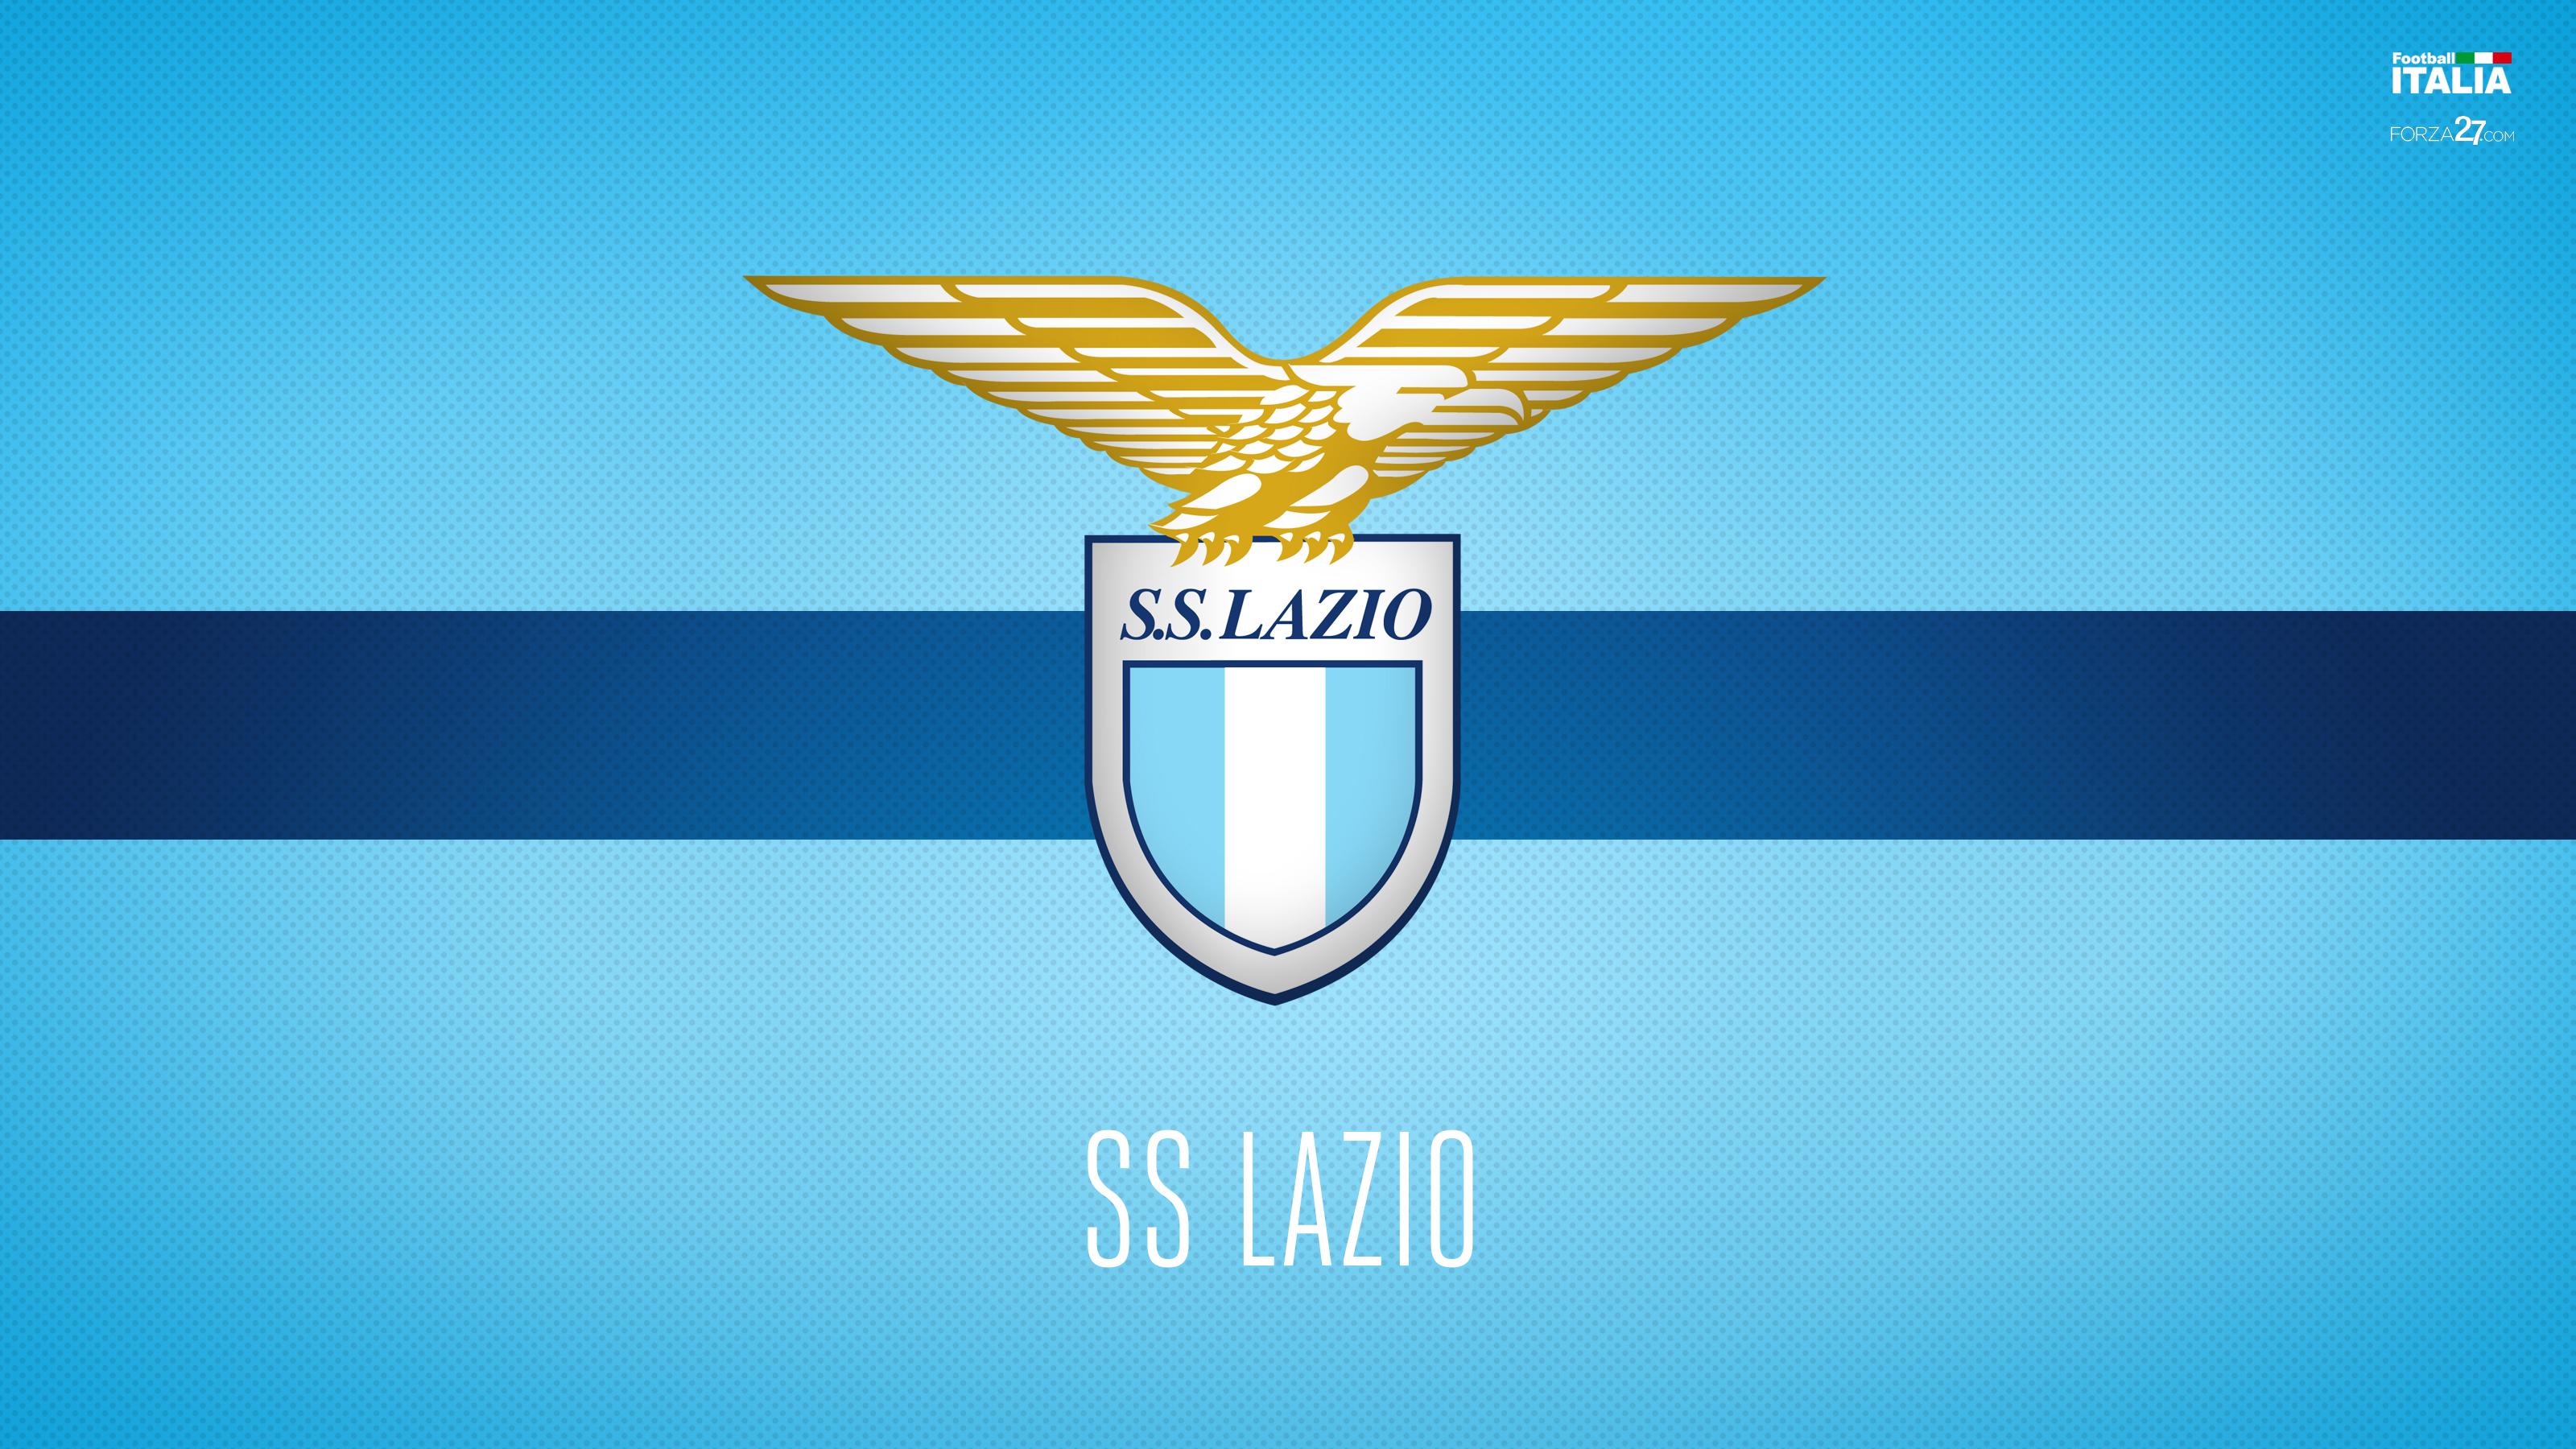 lazio - photo #20